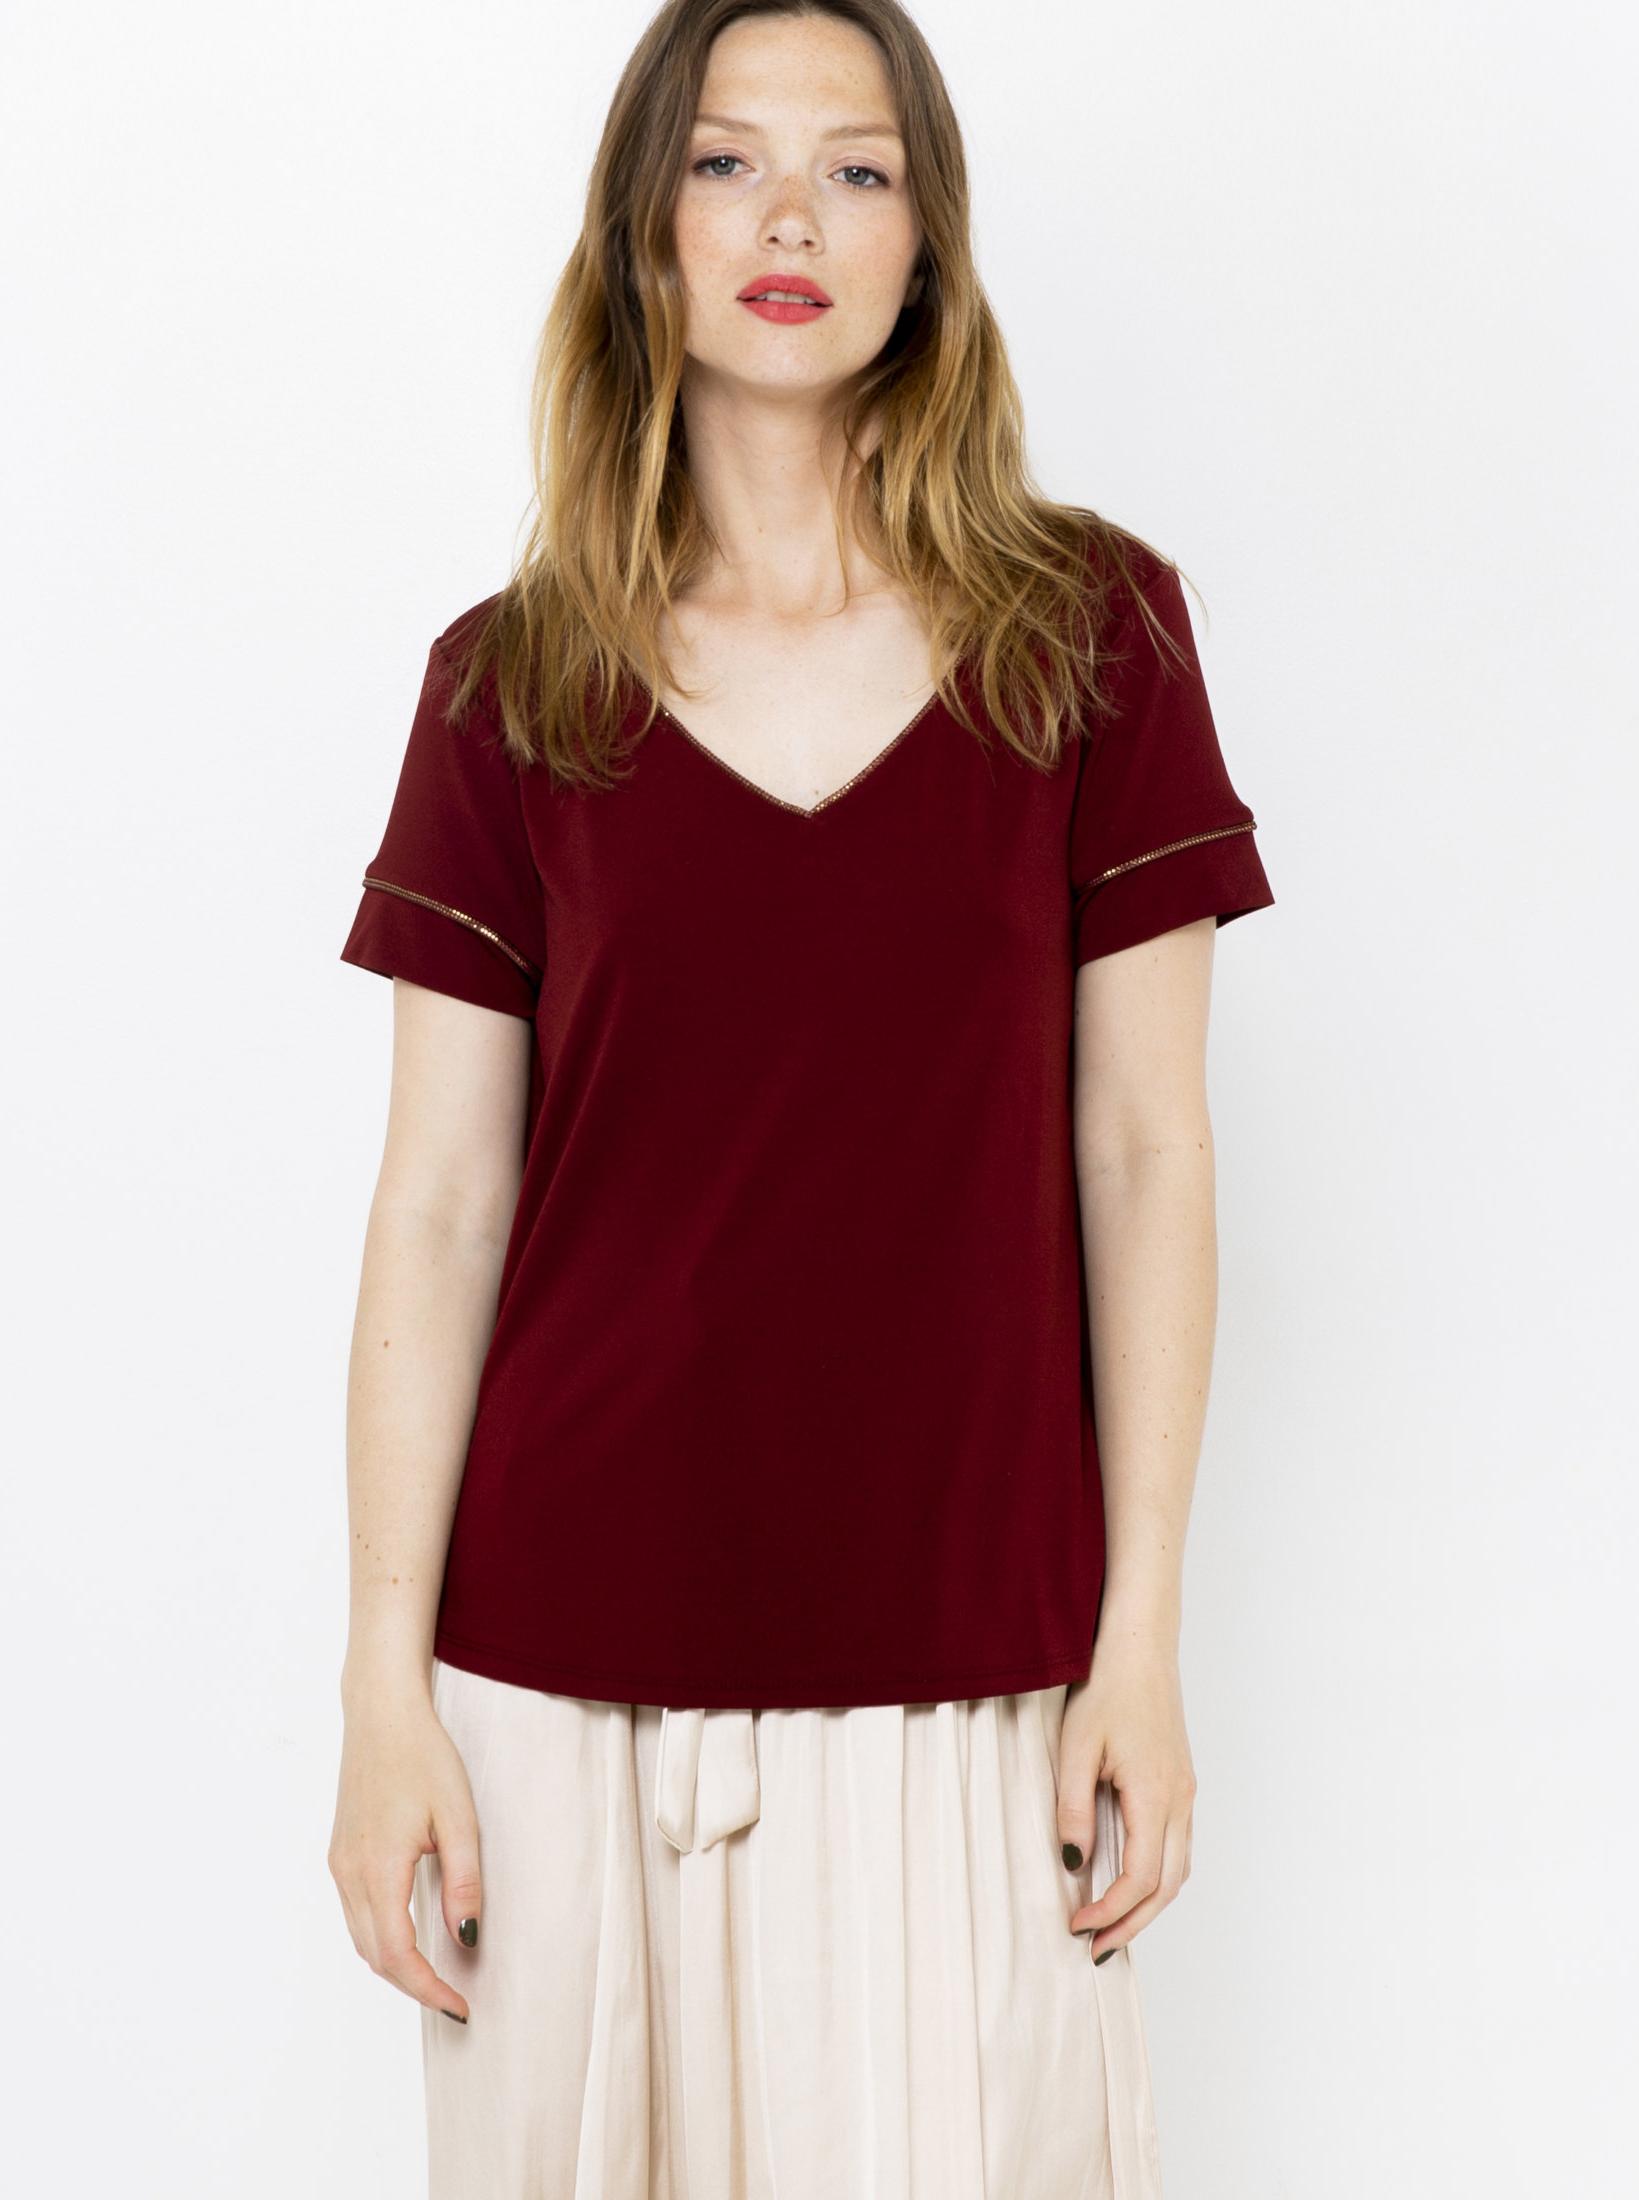 CAMAIEU wiśniowy/bordowy koszulka